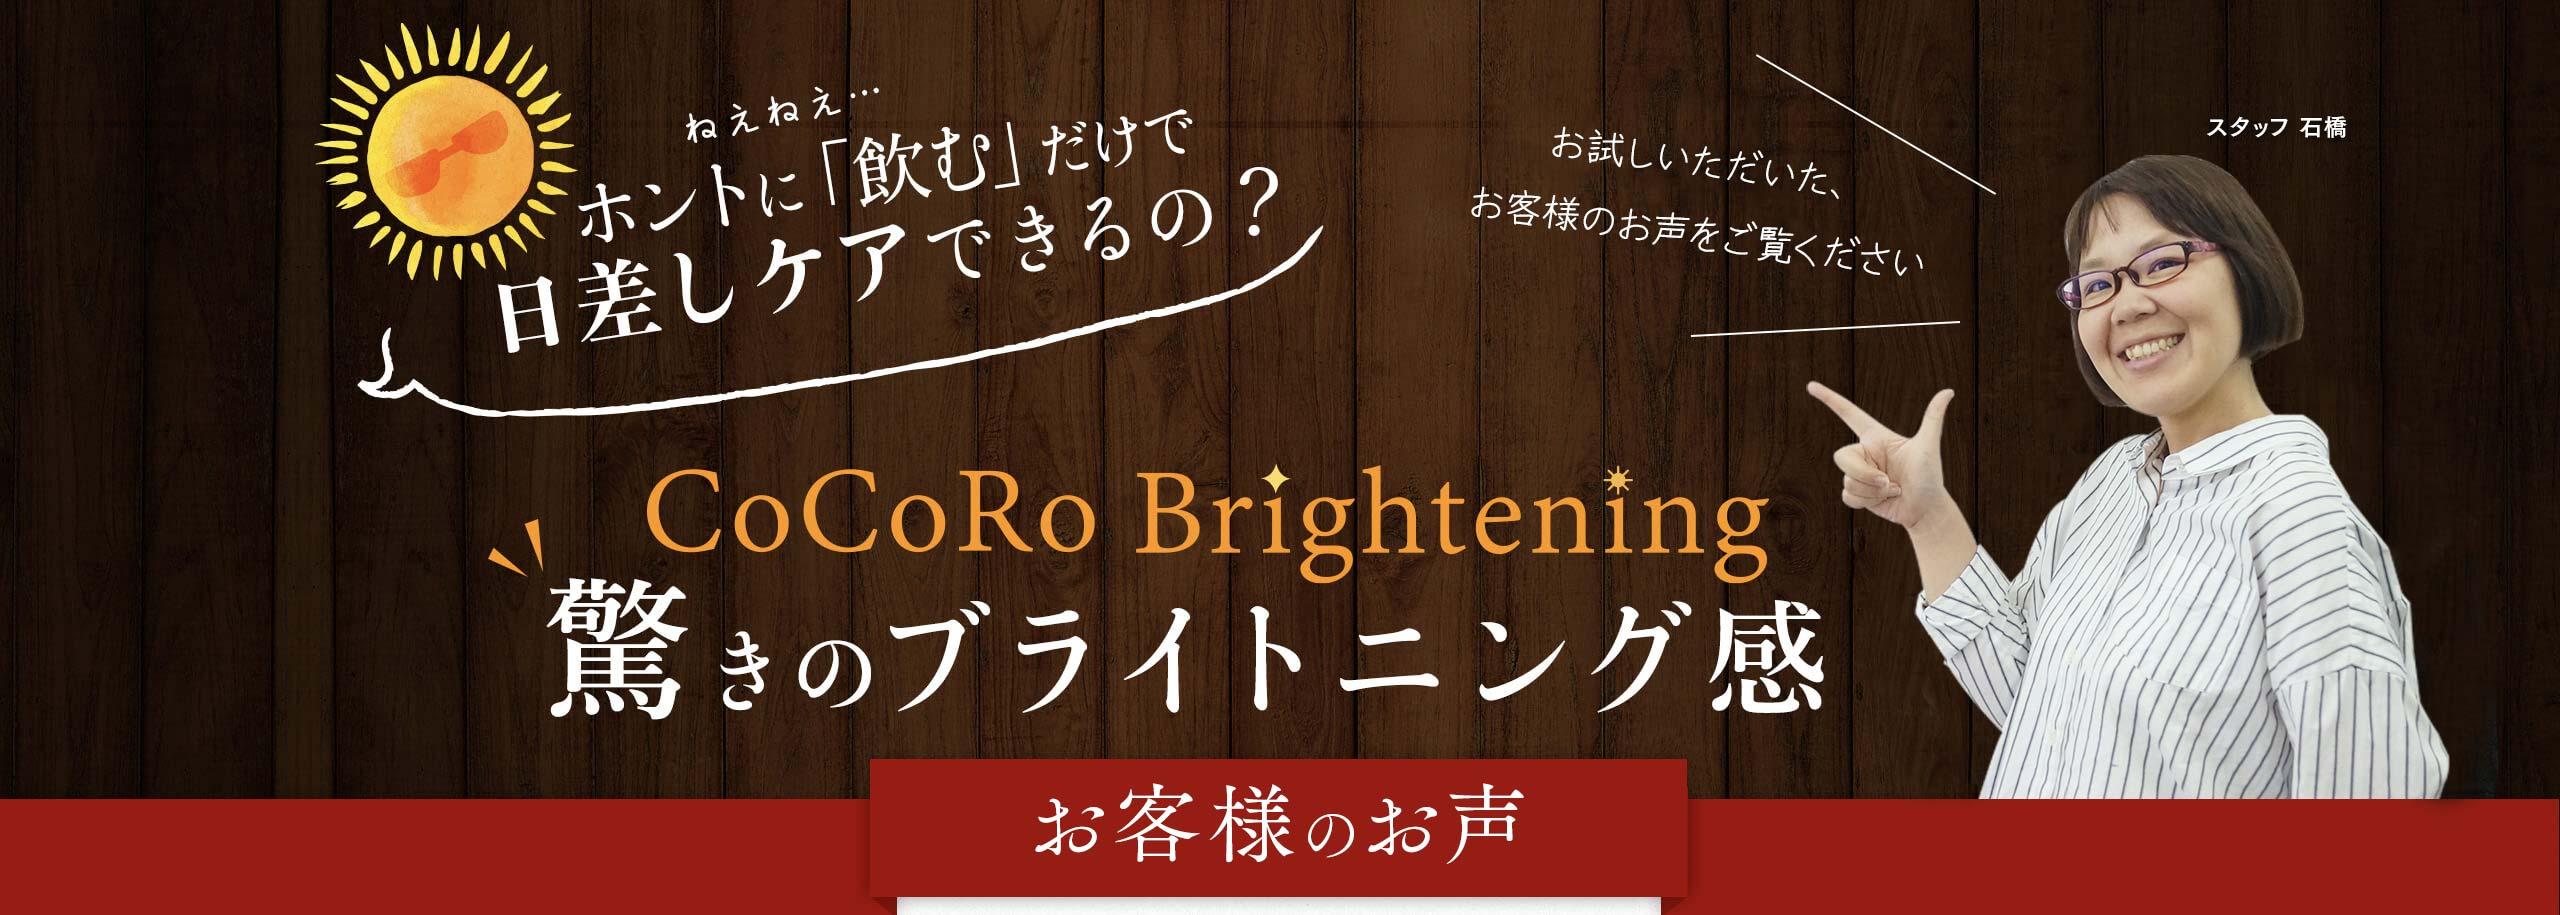 ホントに「飲む」だけで日差しケアできるの?お試しいただいた、お客様の声をご覧ください。CoCoRoBrightening驚きのブライトニング感